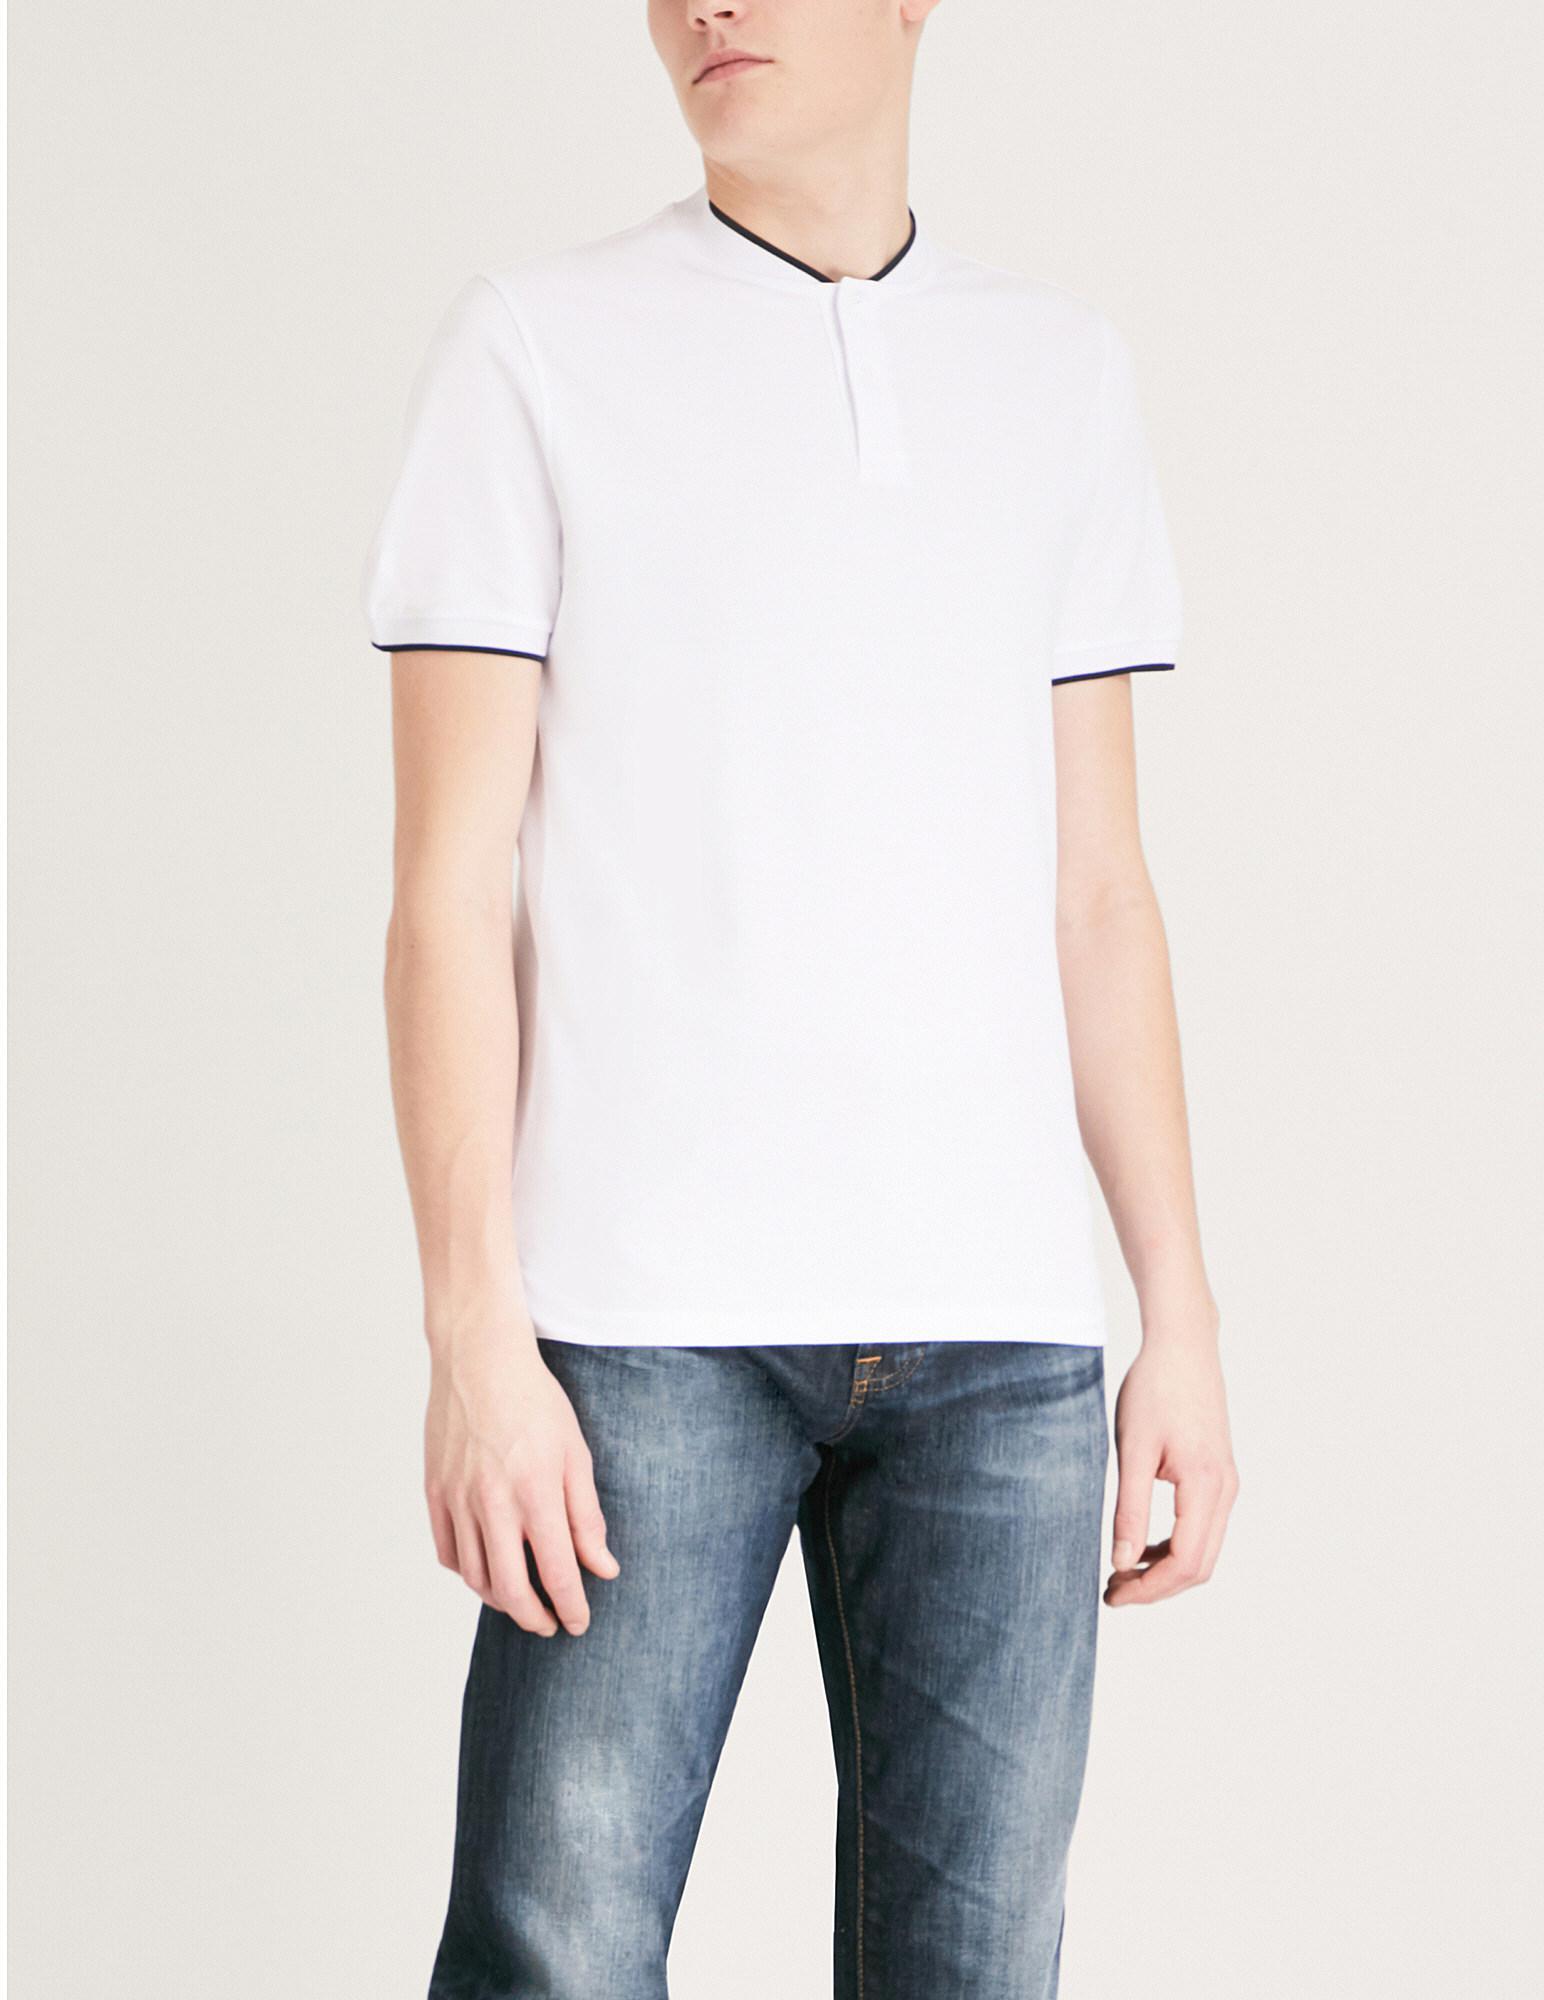 80d1e5b1c Men's White Contrast-trim Cotton T-shirt